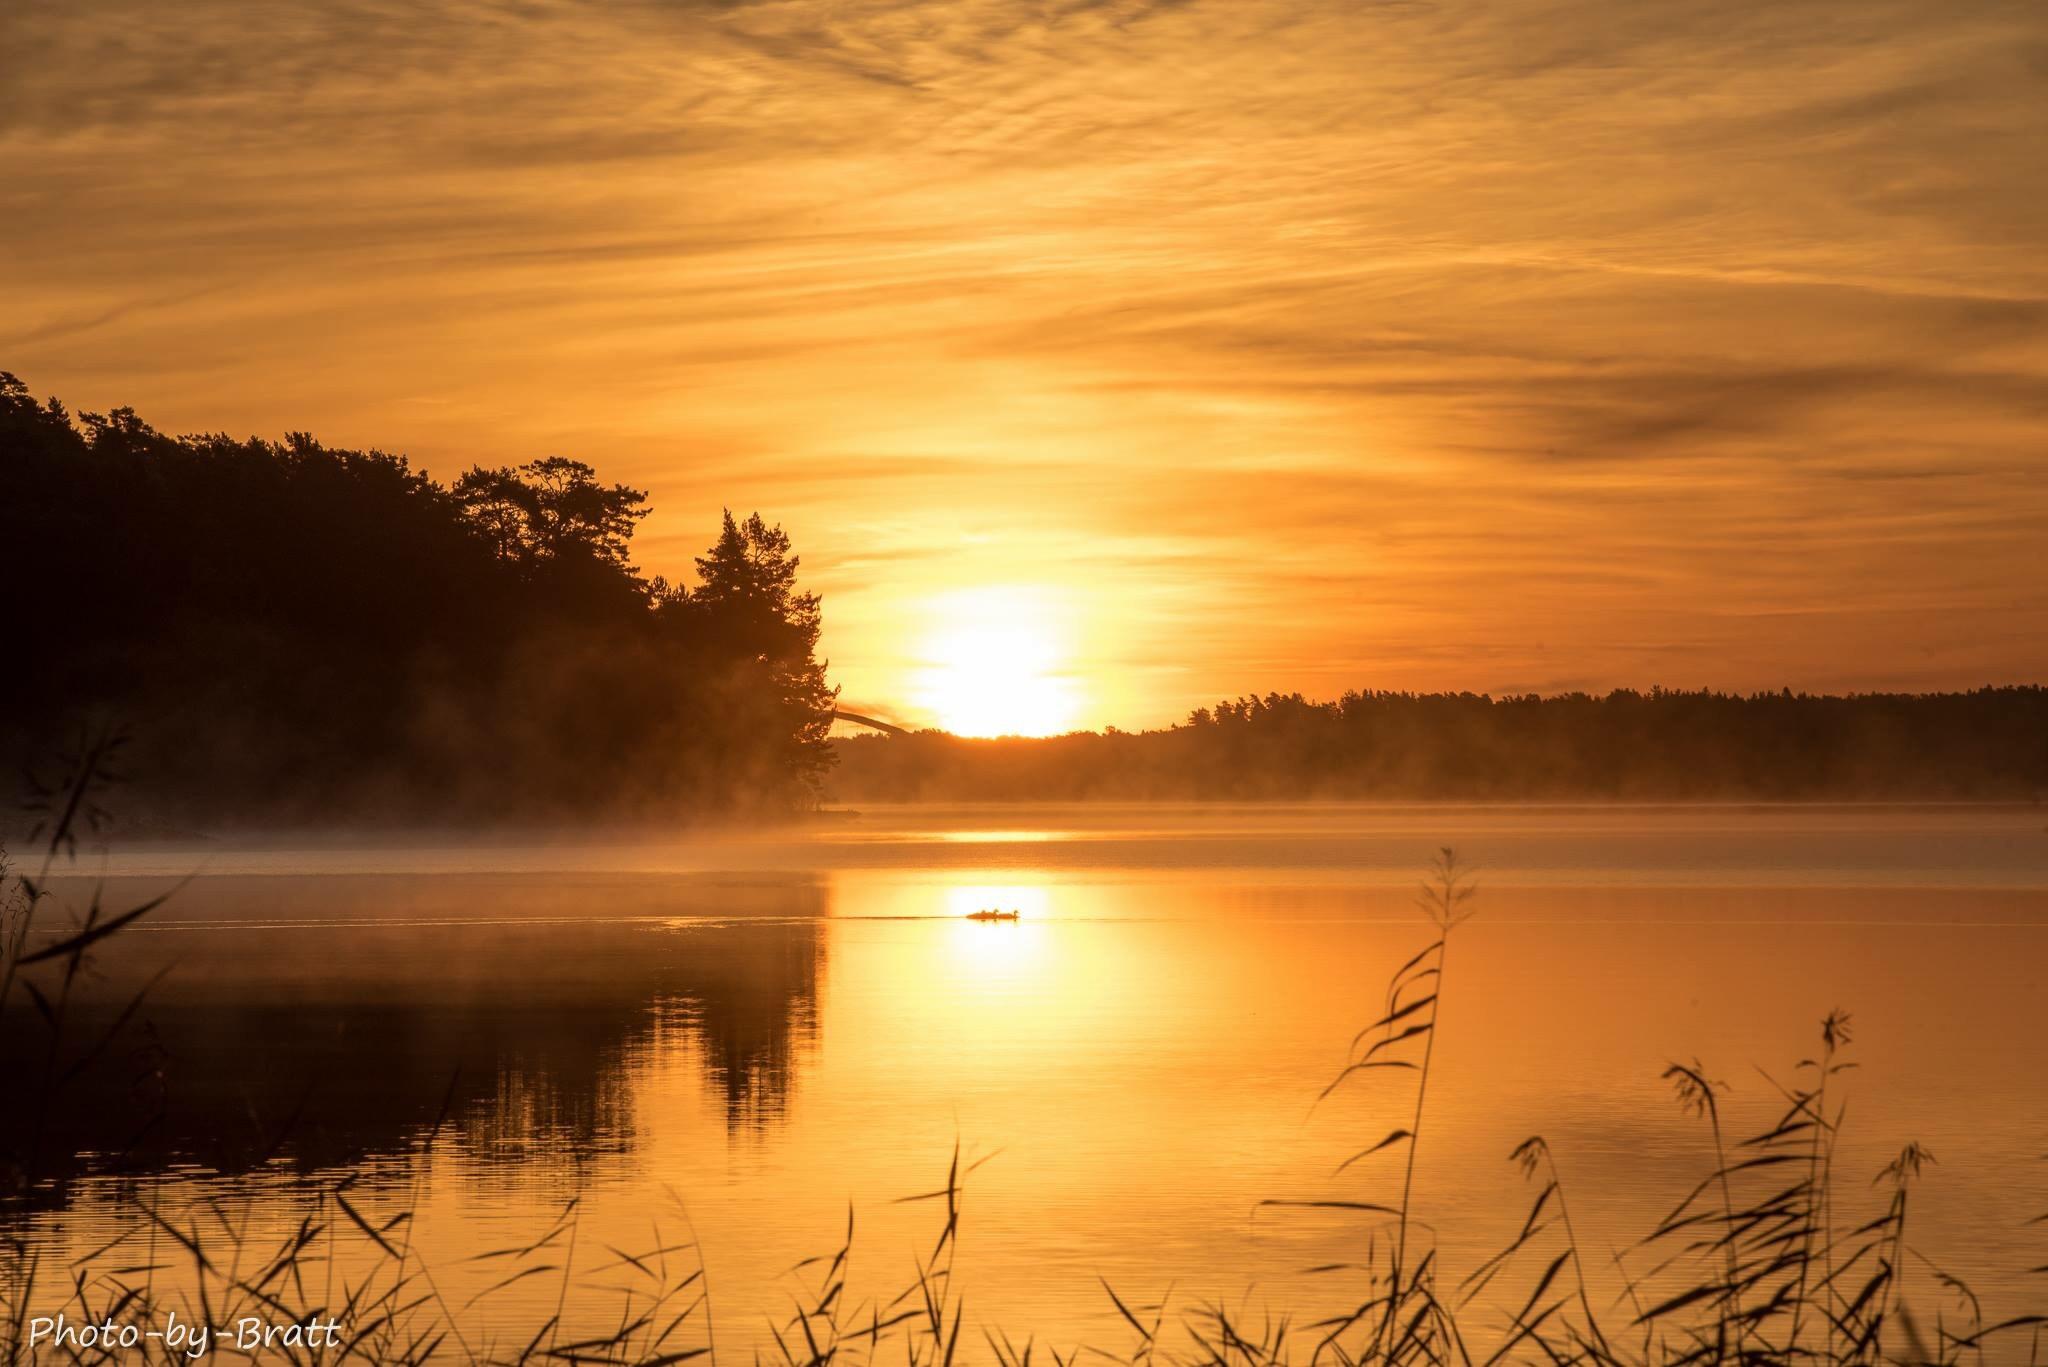 Sunrise at Värmdö, Sweden by gunnel.bratt